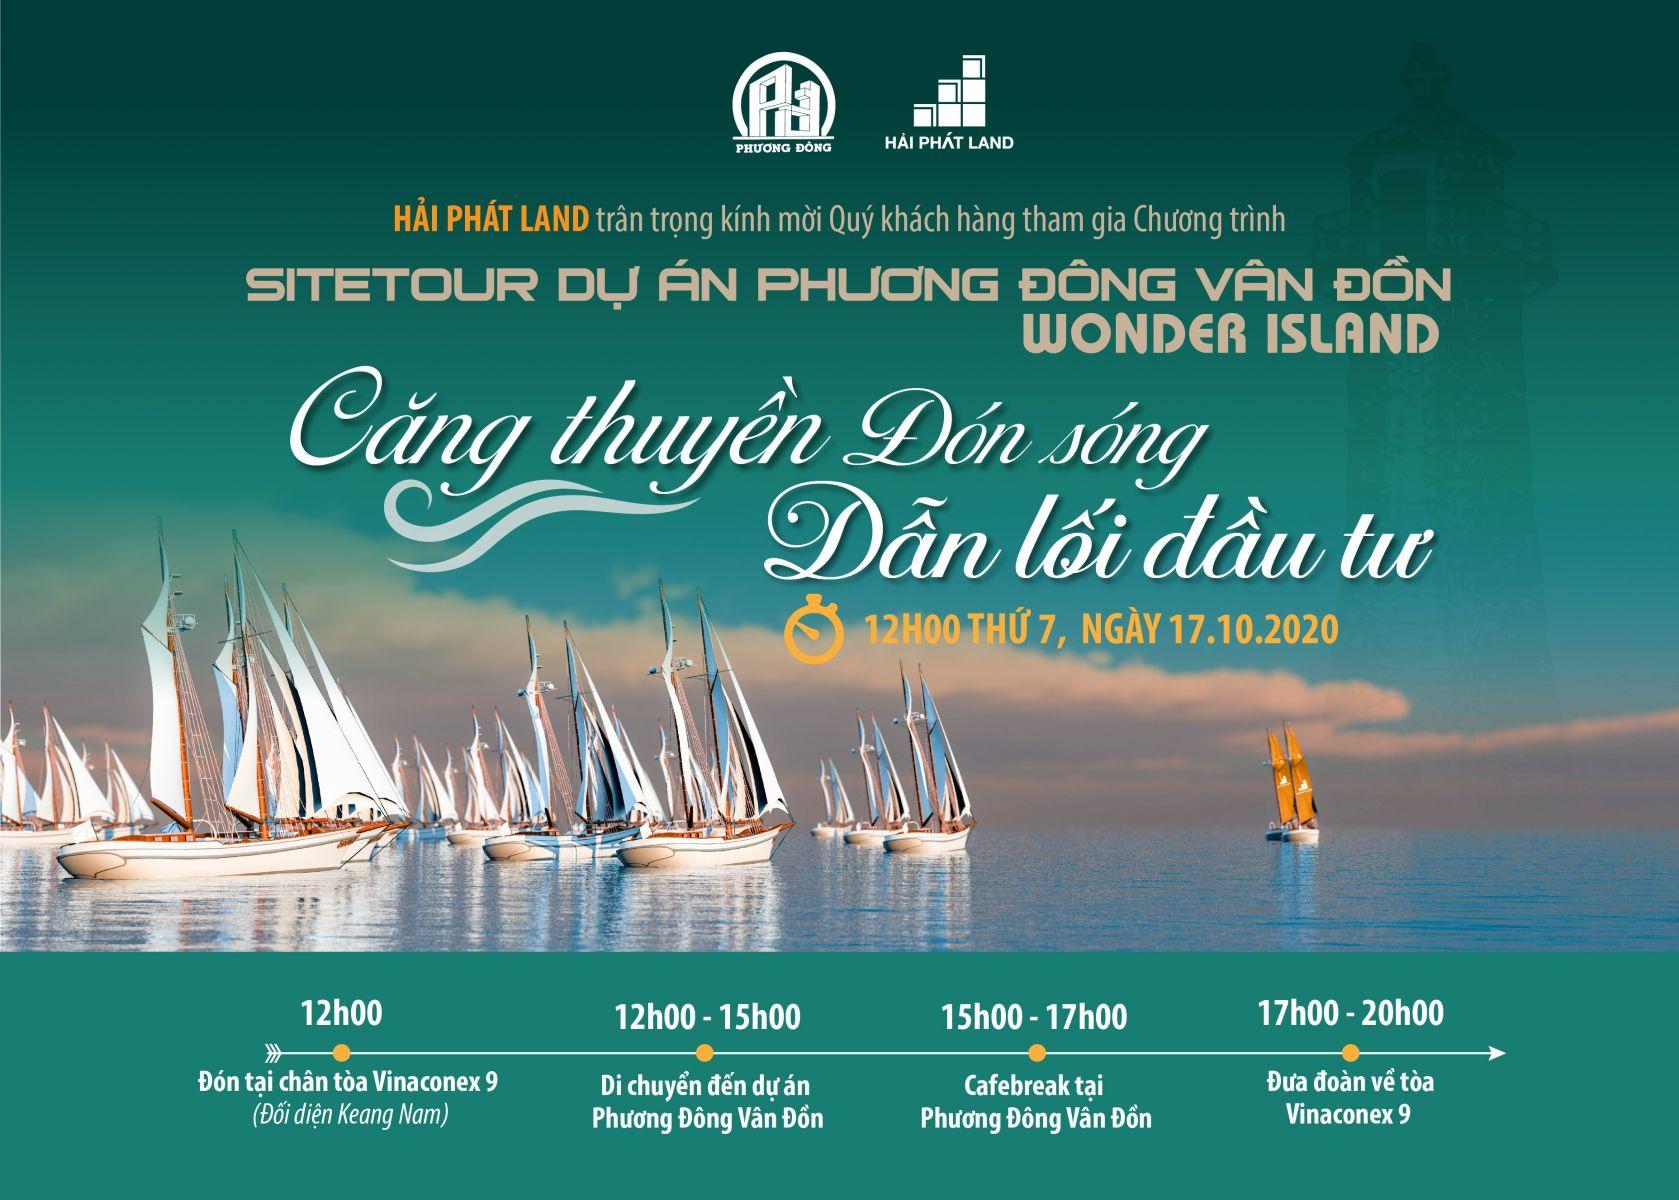 Sitetour dự án Wonder Island Phương Đông